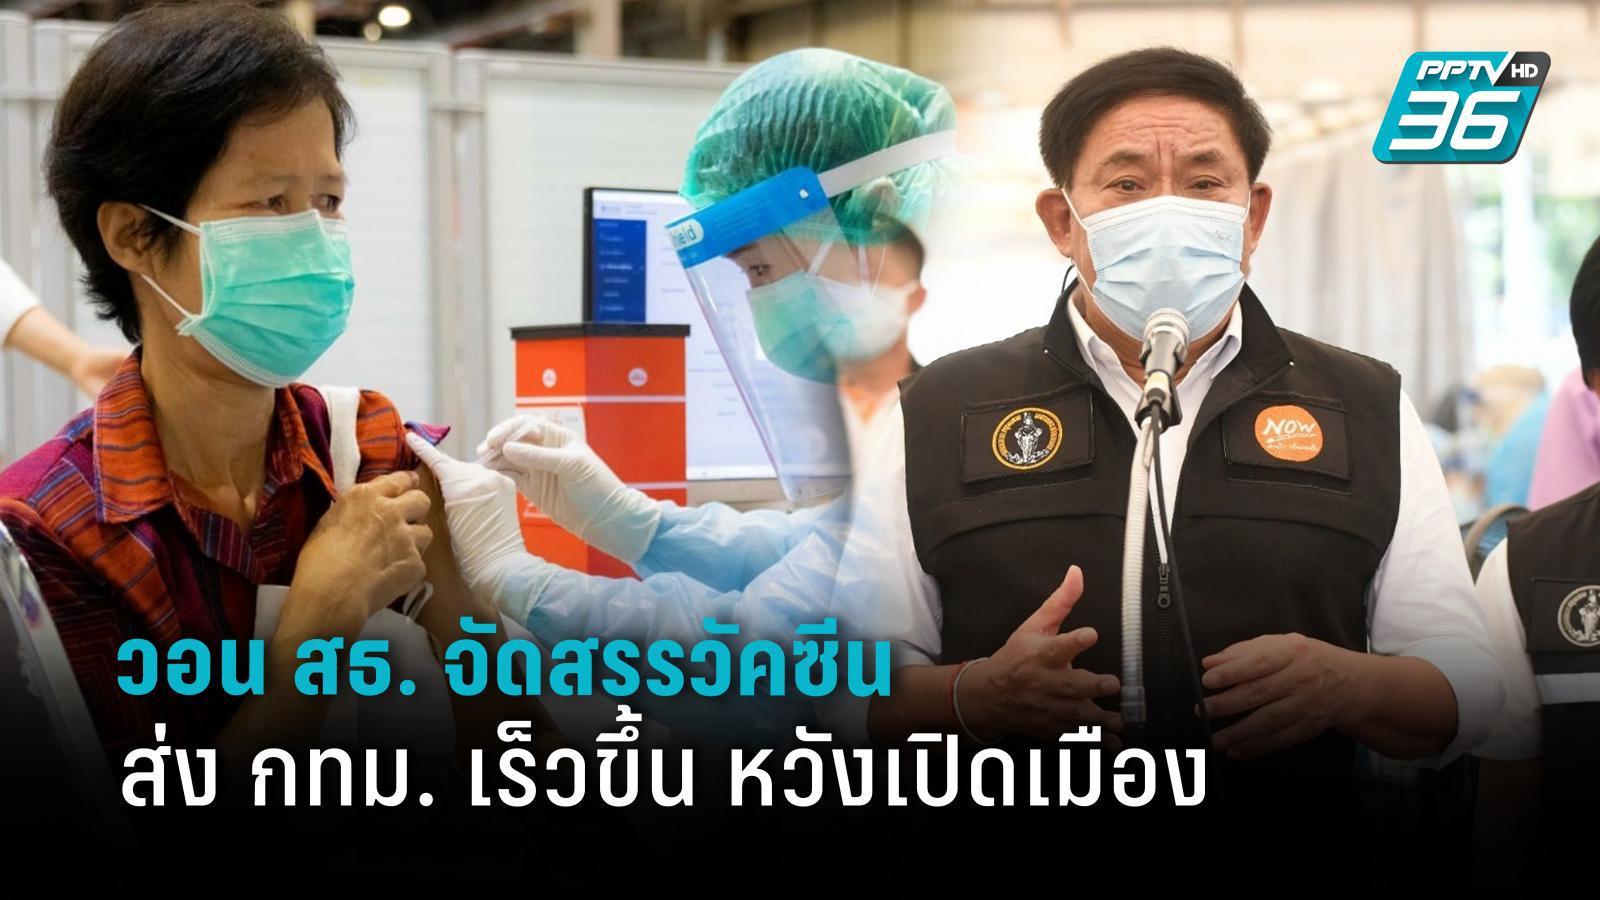 ผู้ว่าฯ กทม. วอน สธ. จัดสรรวัคซีนให้เร็วขึ้น 2 สัปดาห์ หวังเปิดเมืองรับนักท่องเที่ยว